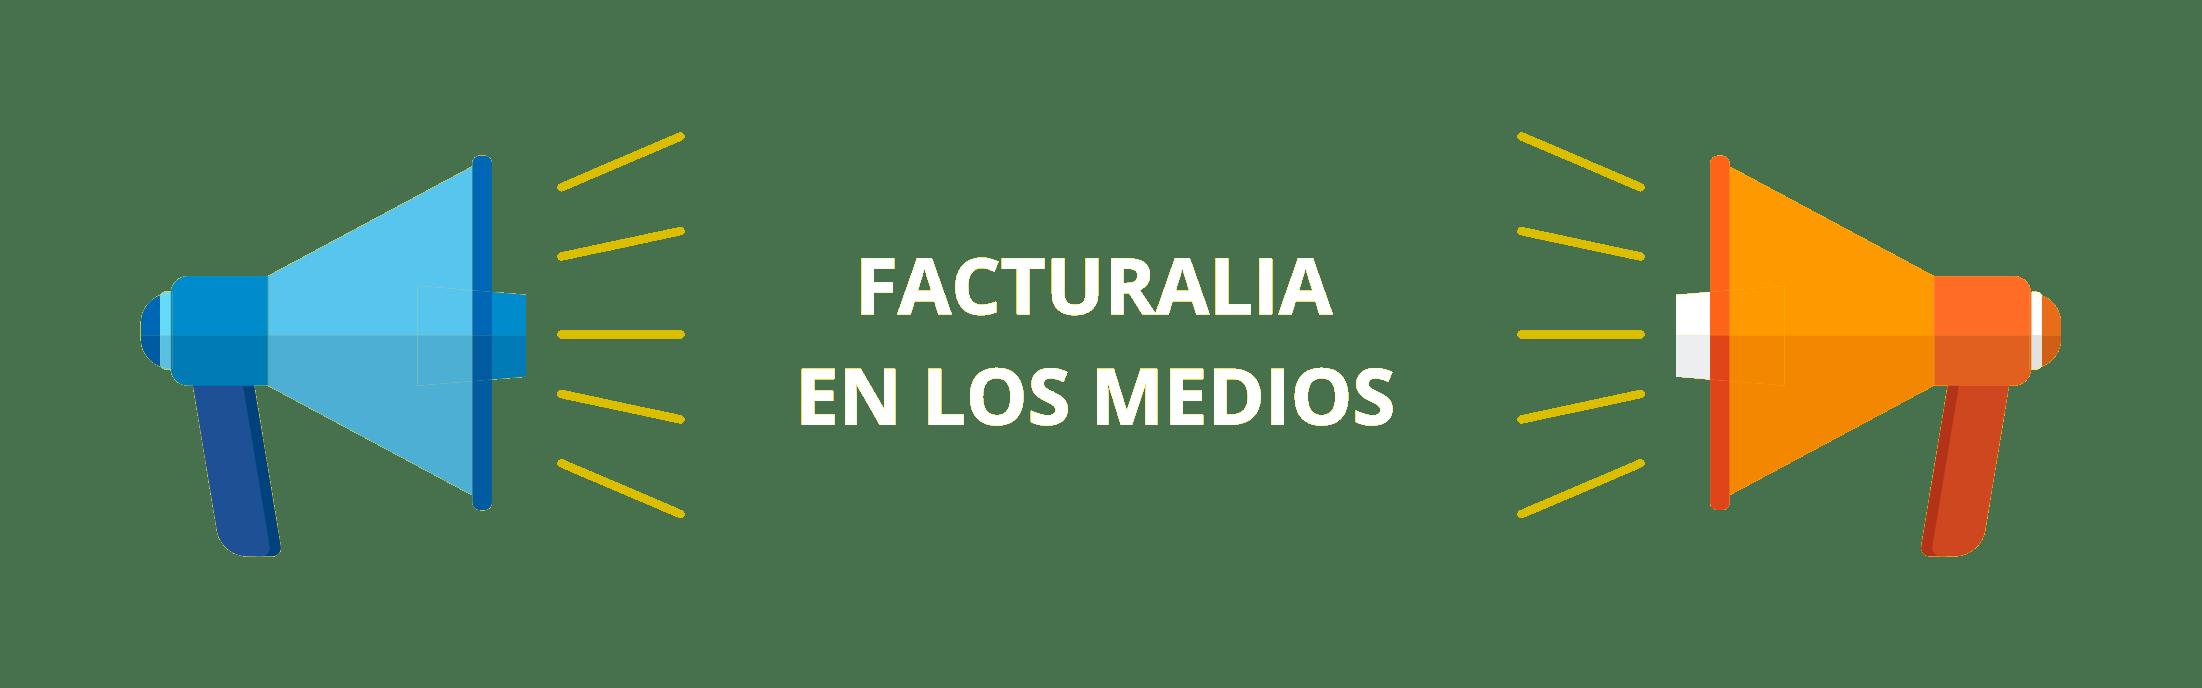 Facturalia en los medios